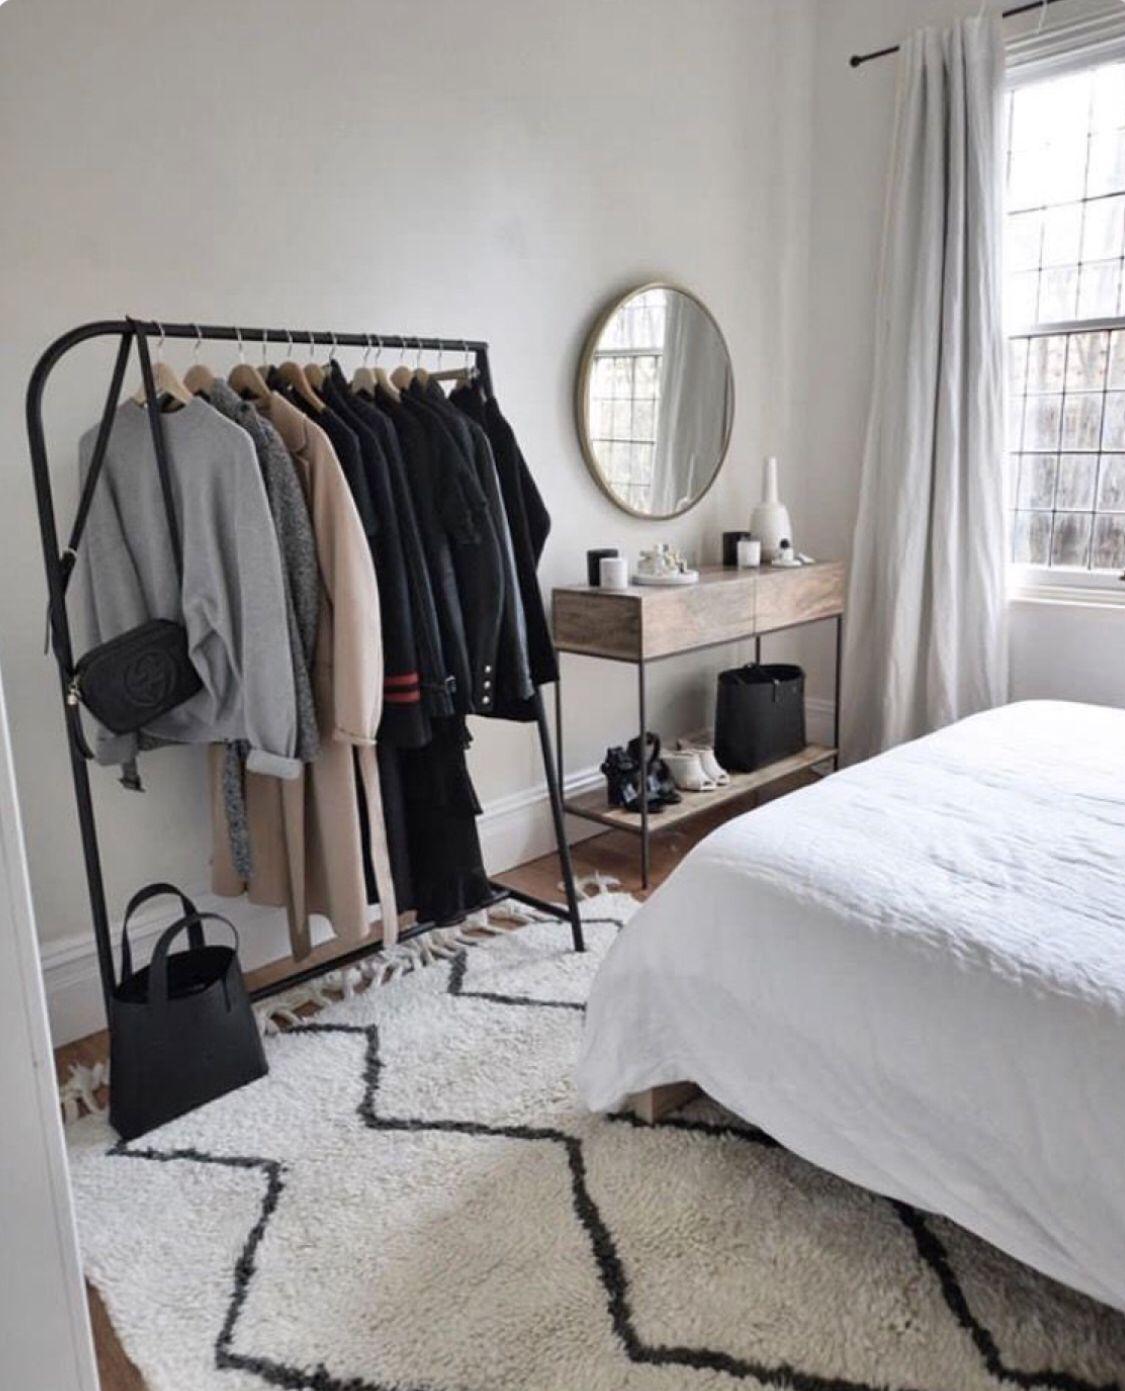 A E S T H E T I C Vyeeyewear Styling Modern Closet Minimal